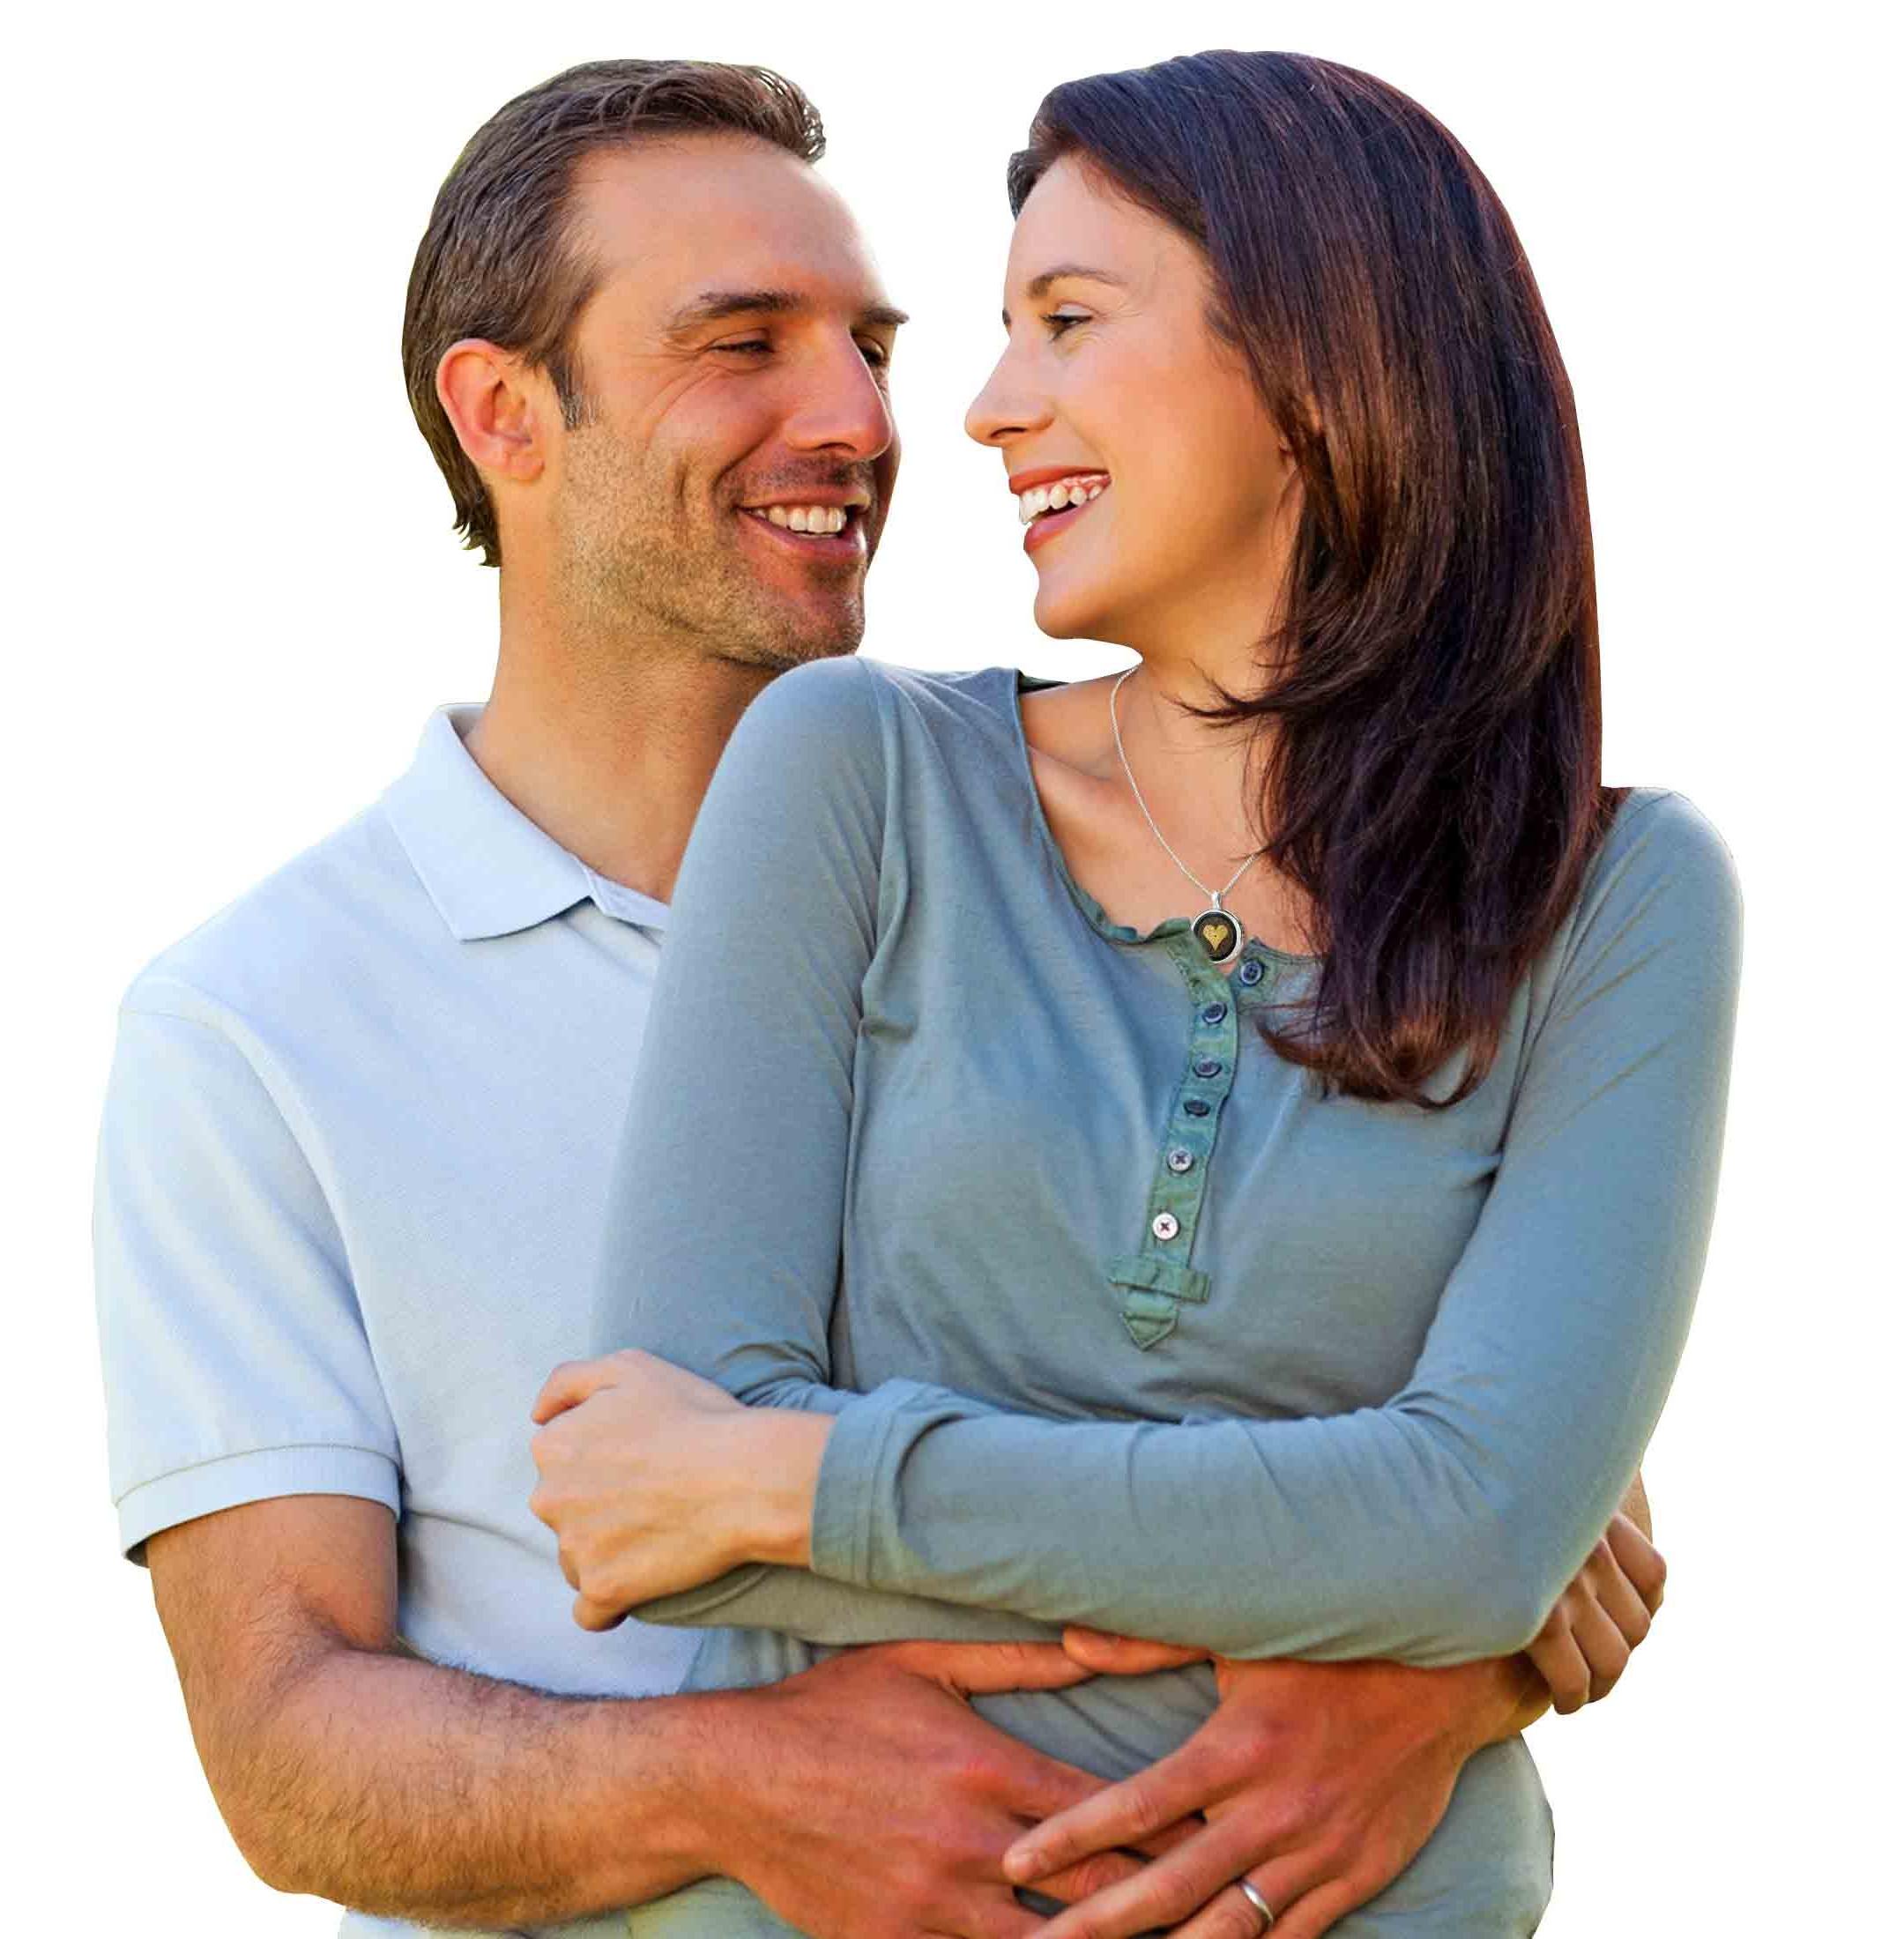 מתנות רומנטיות: תכשיט לאישה עם הכיתוב